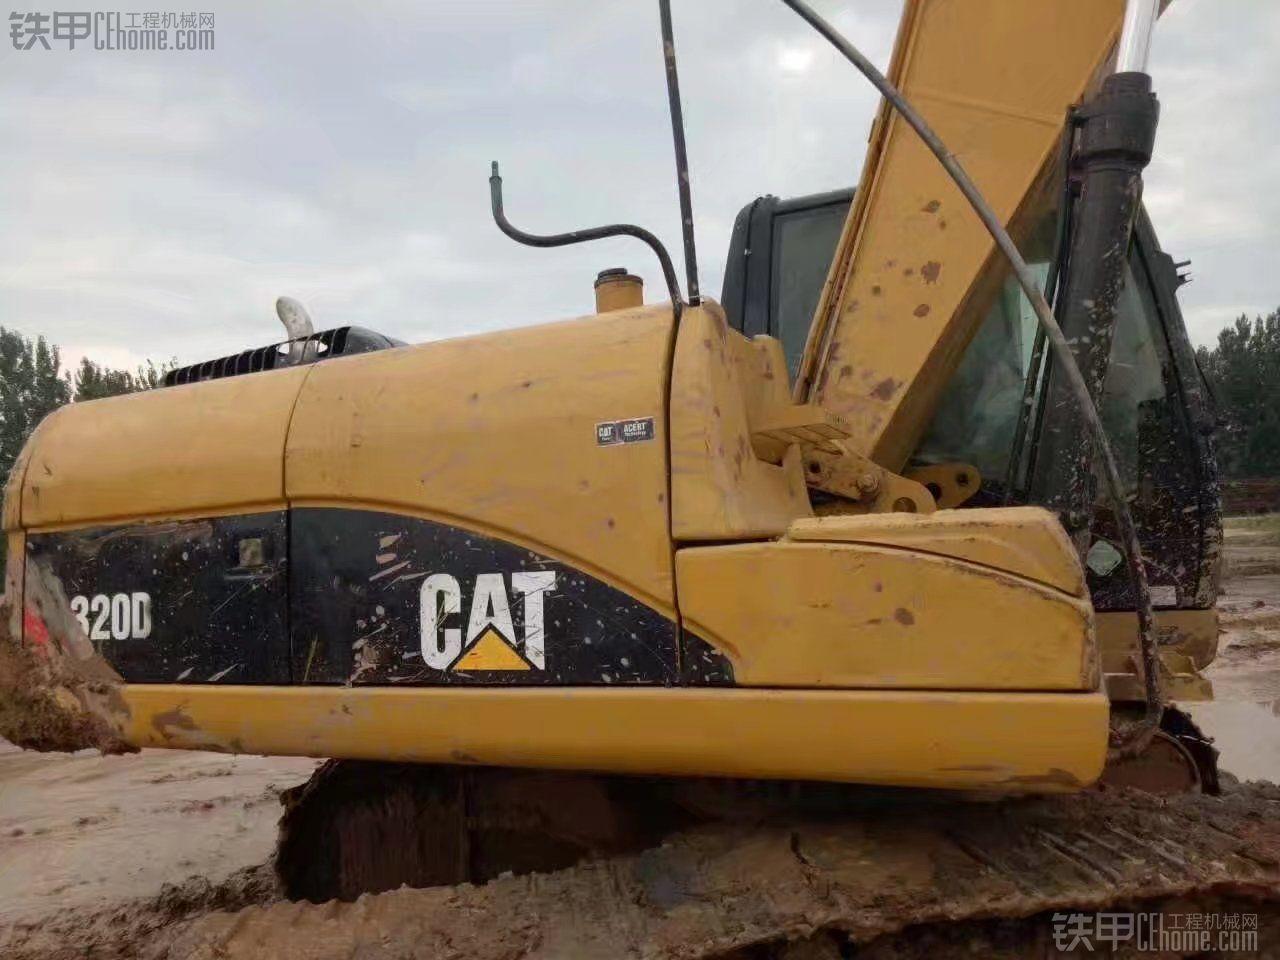 卡特彼勒 CAT320D 二手挖掘机价格 46万 7000小时